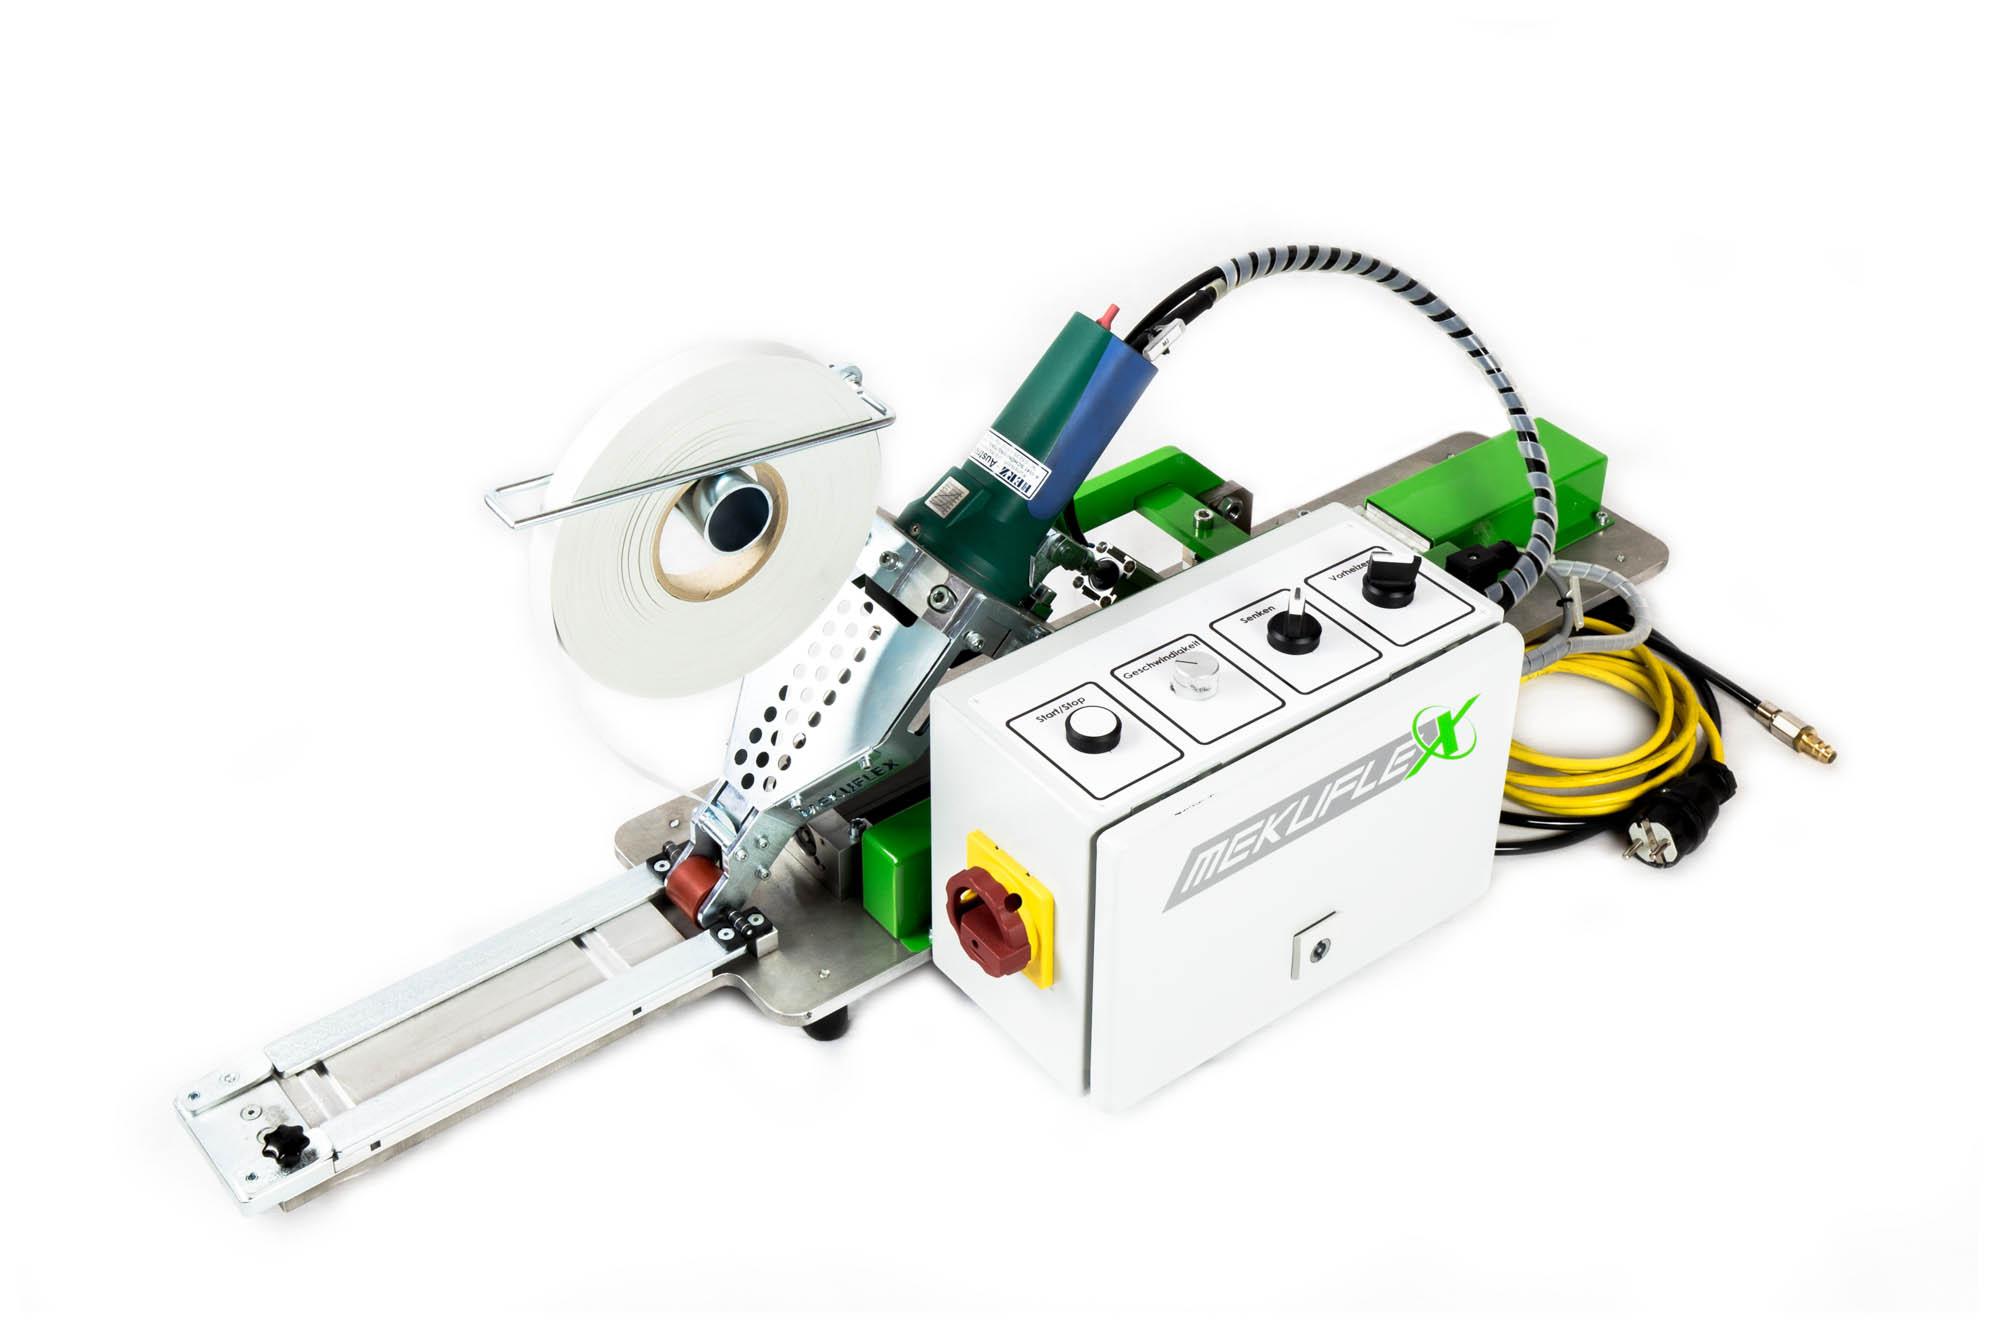 Mekuflex-Halbautomatische Heißluftschweißmaschine